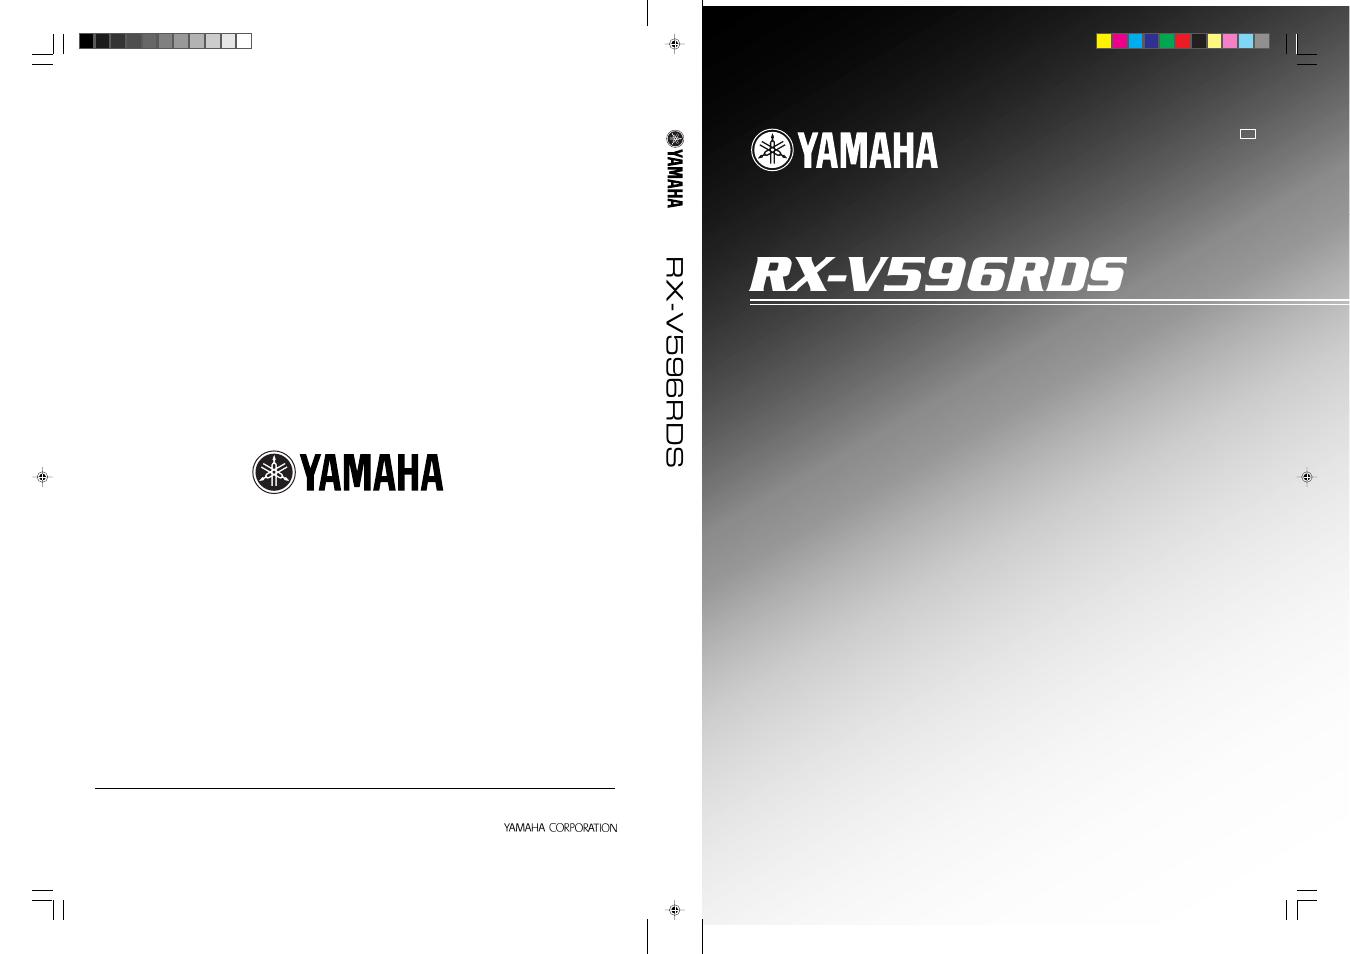 yamaha rx v596rds user manual 70 pages. Black Bedroom Furniture Sets. Home Design Ideas